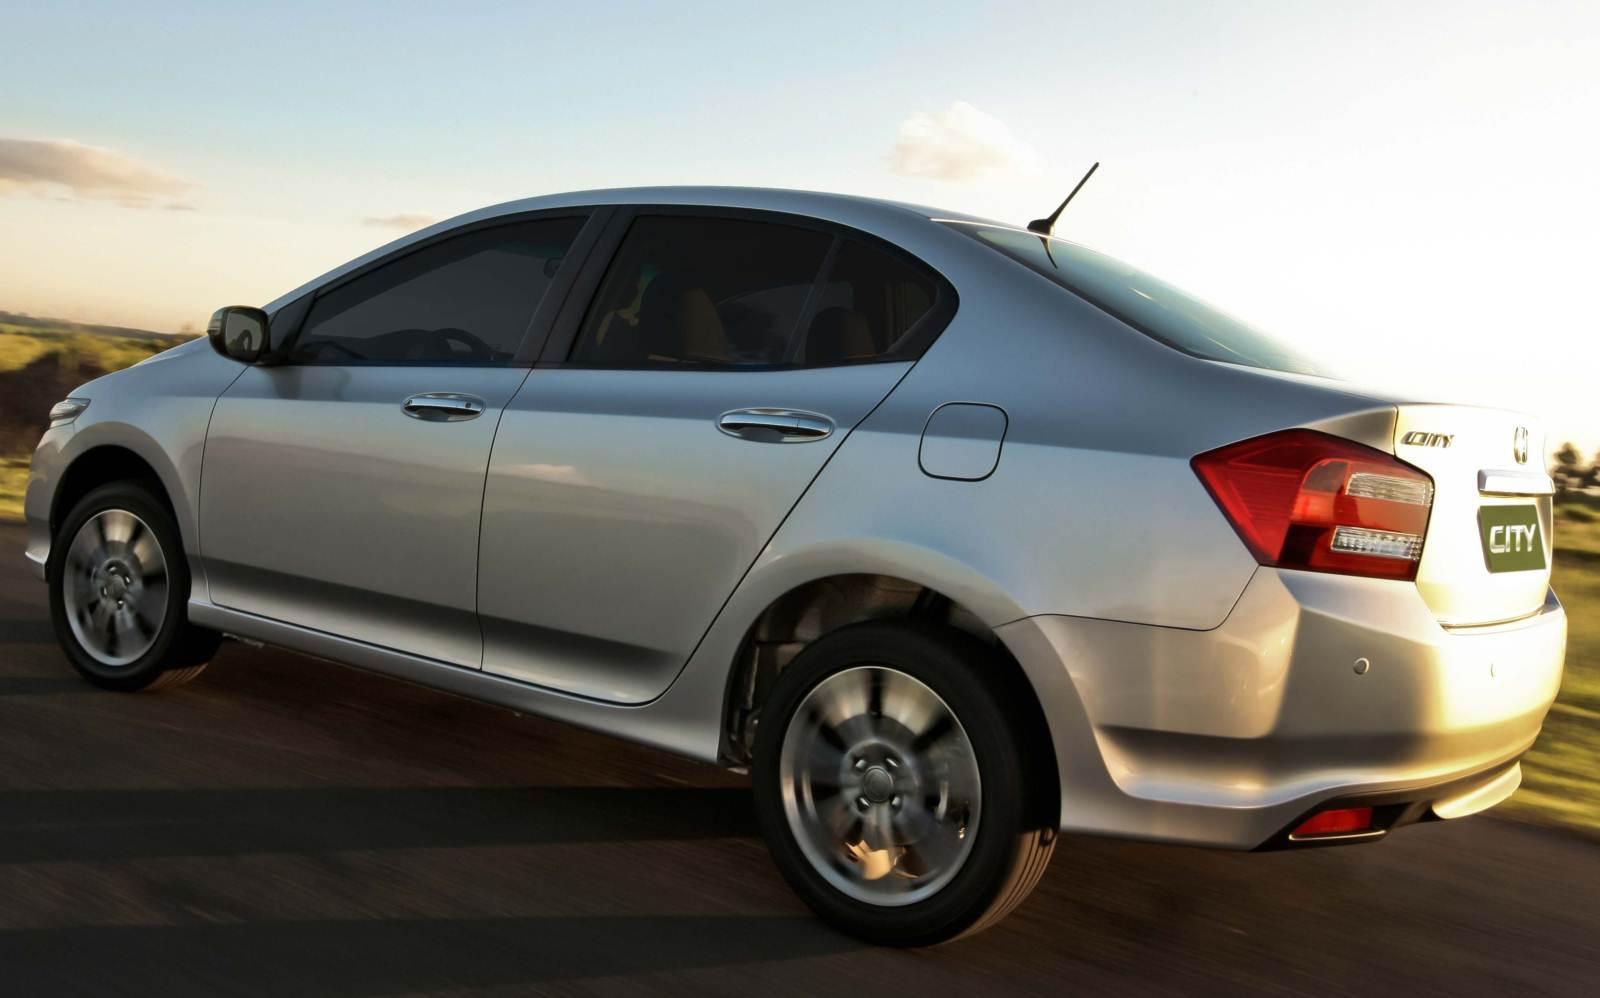 Novo Honda City 2015 - Preço, Consumo, Ficha Técnica